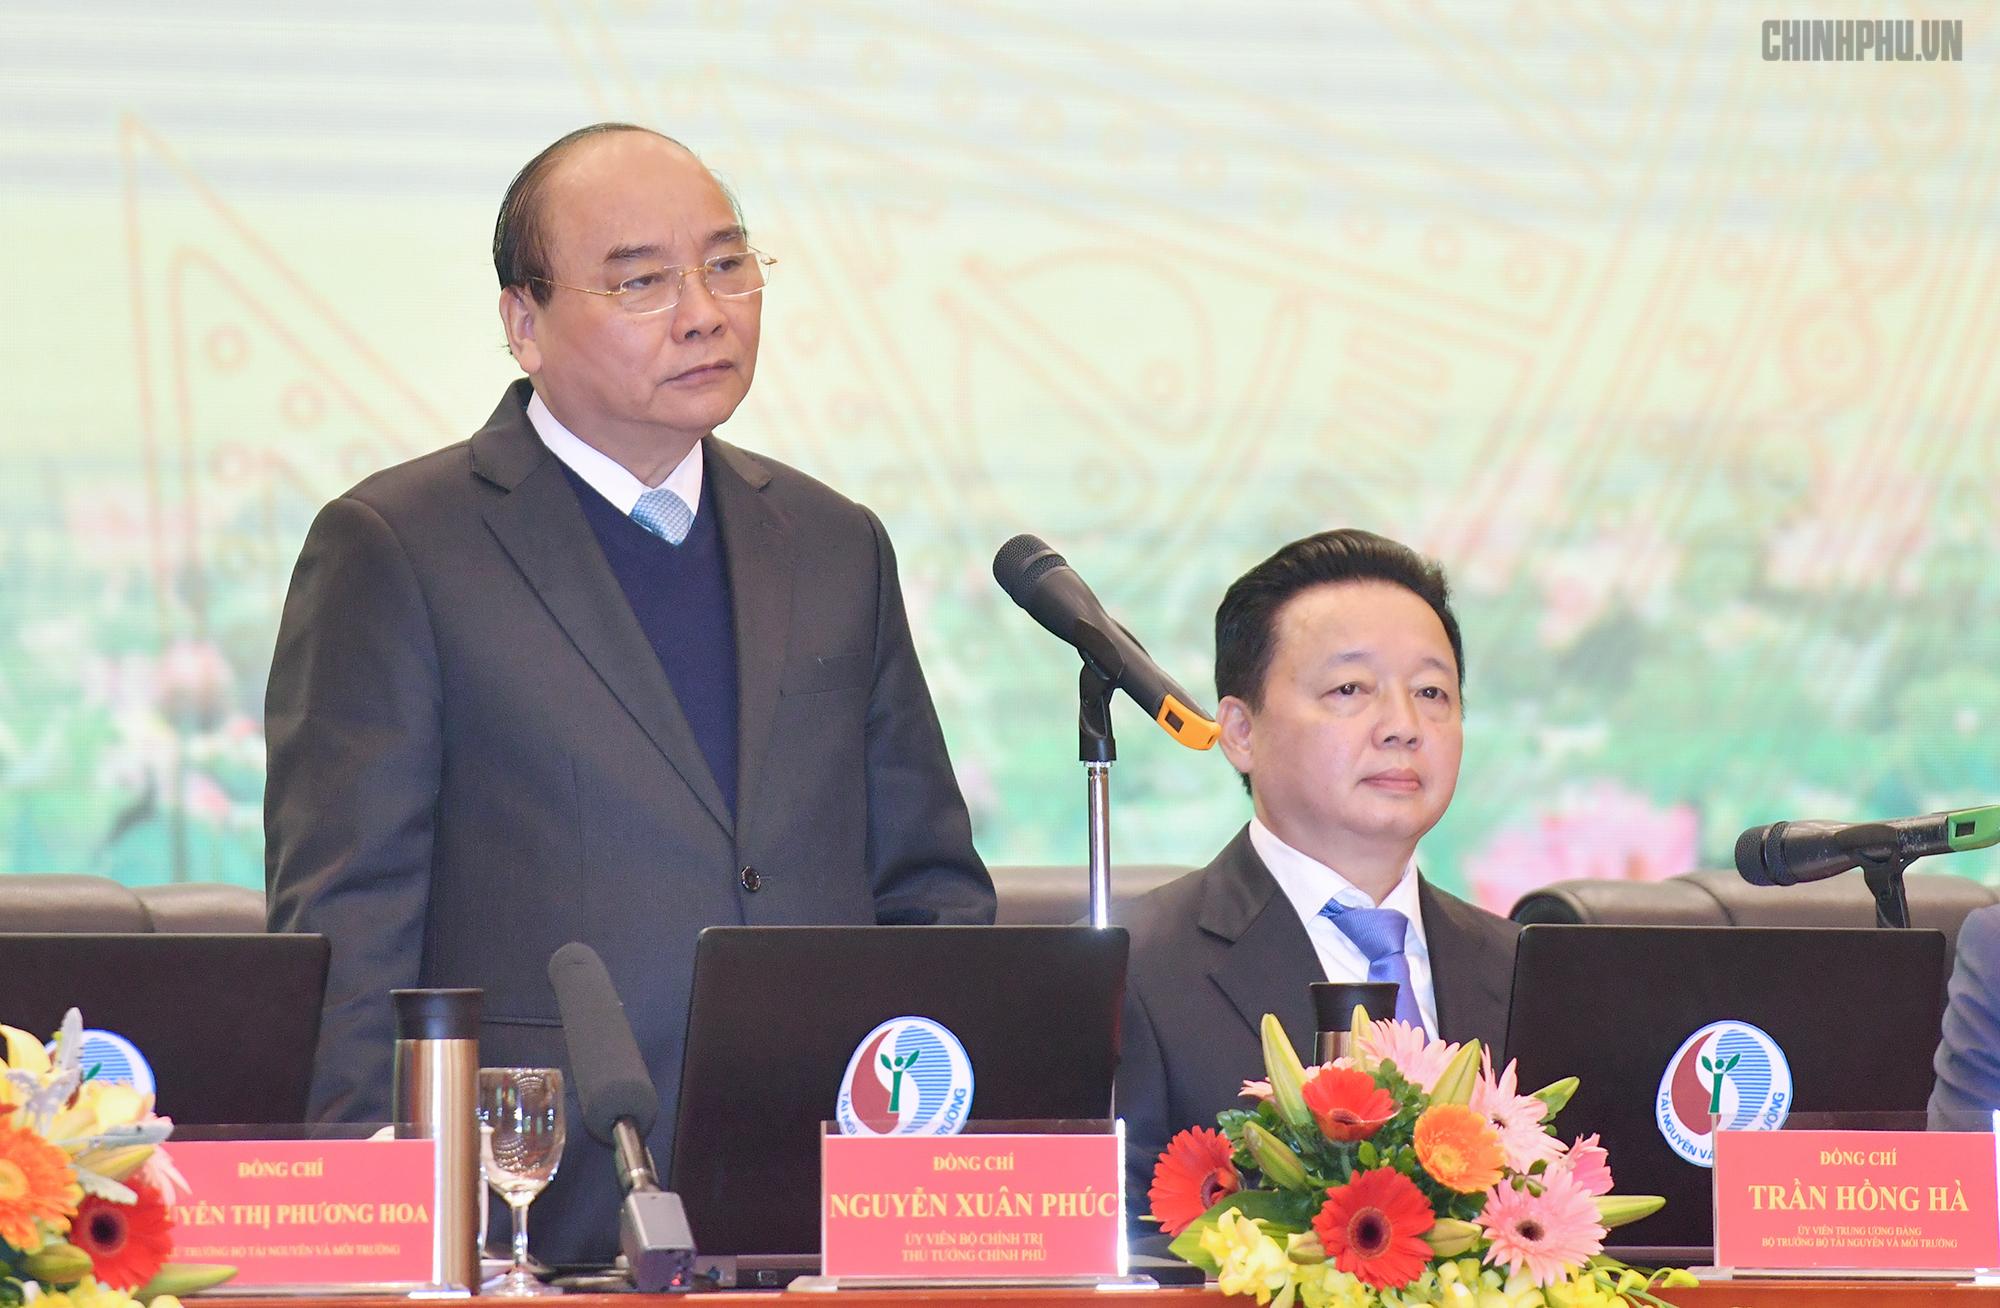 Thủ tướng Nguyễn Xuân Phúc,Nguyễn Xuân Phúc,Trần Hồng Hà,Bộ Tài nguyên môi trường